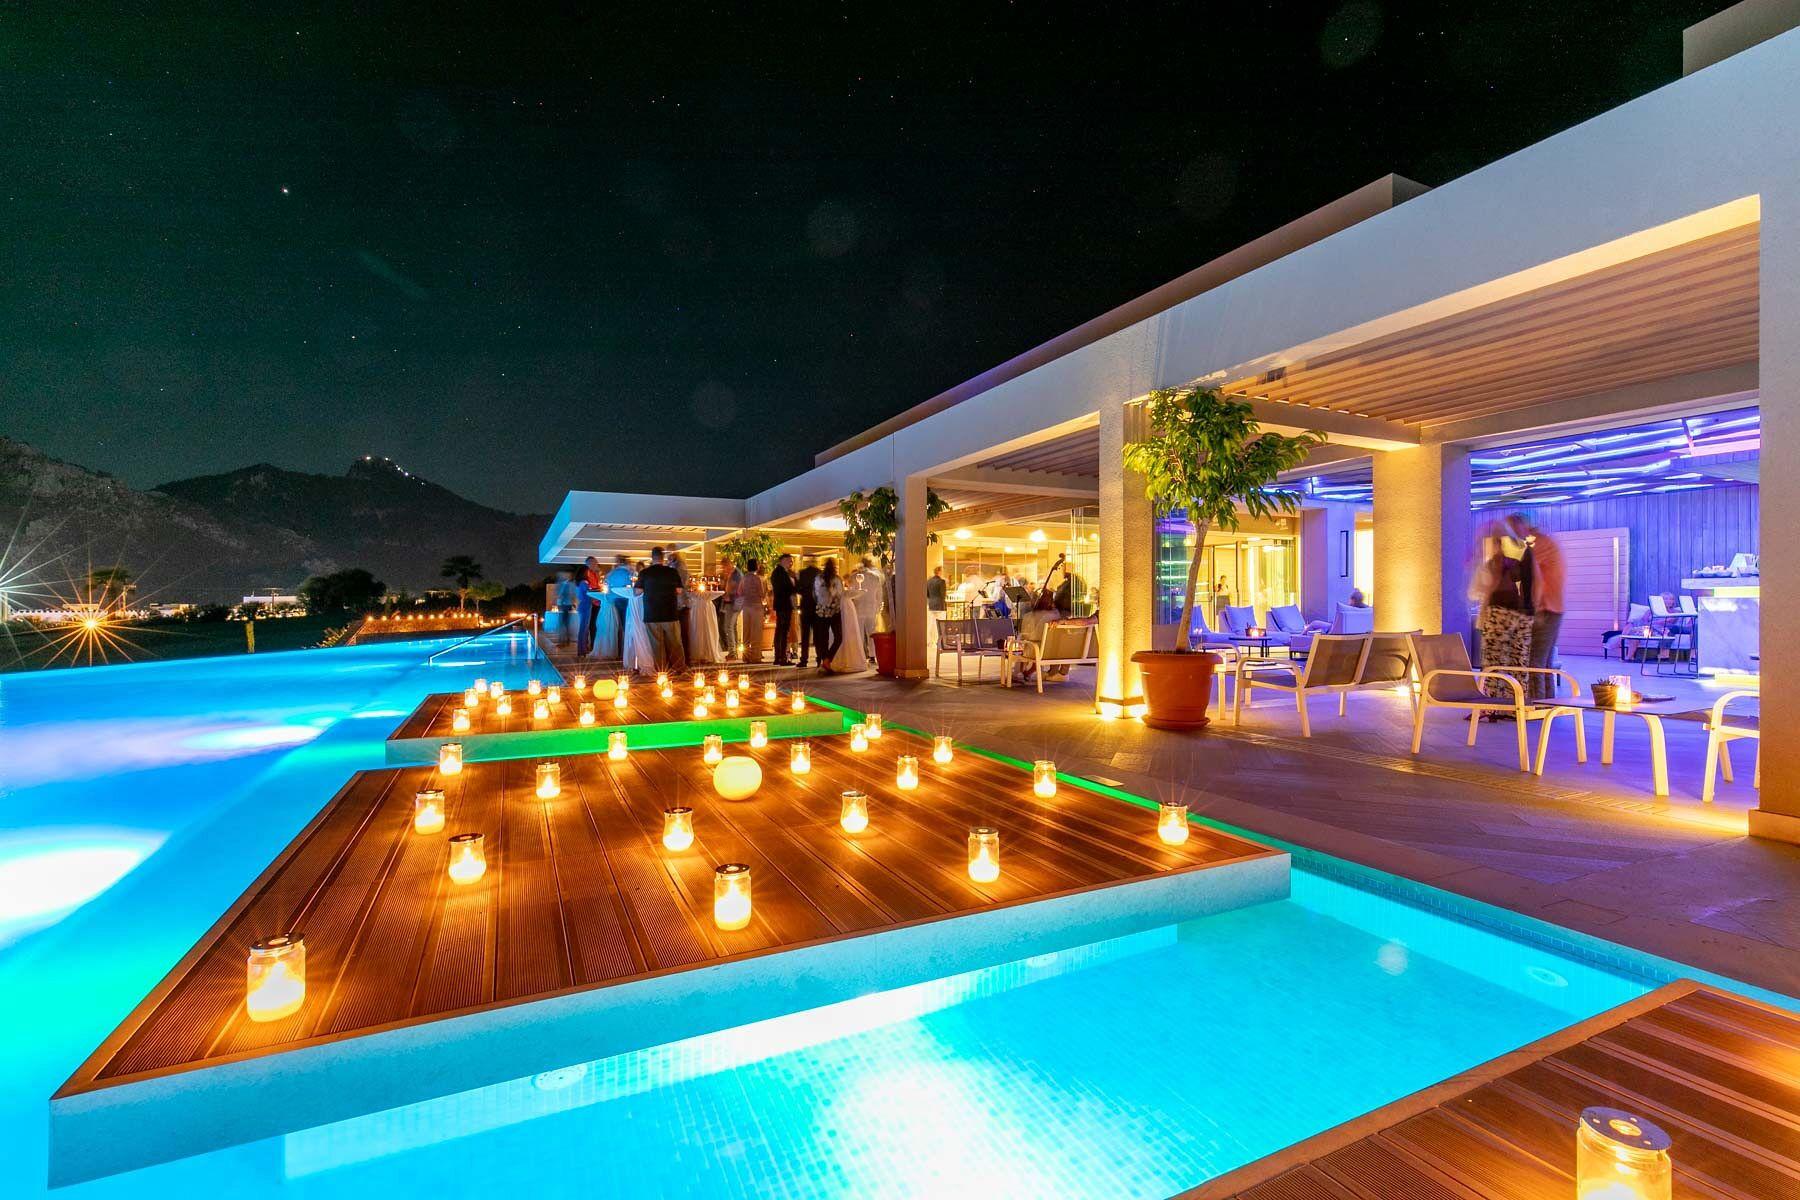 Ν.Αιγαίο: Gala dinner στο Atlantica Imperial Resort & Spa για την Γαστρονομική Περιφέρεια της Ευρώπης